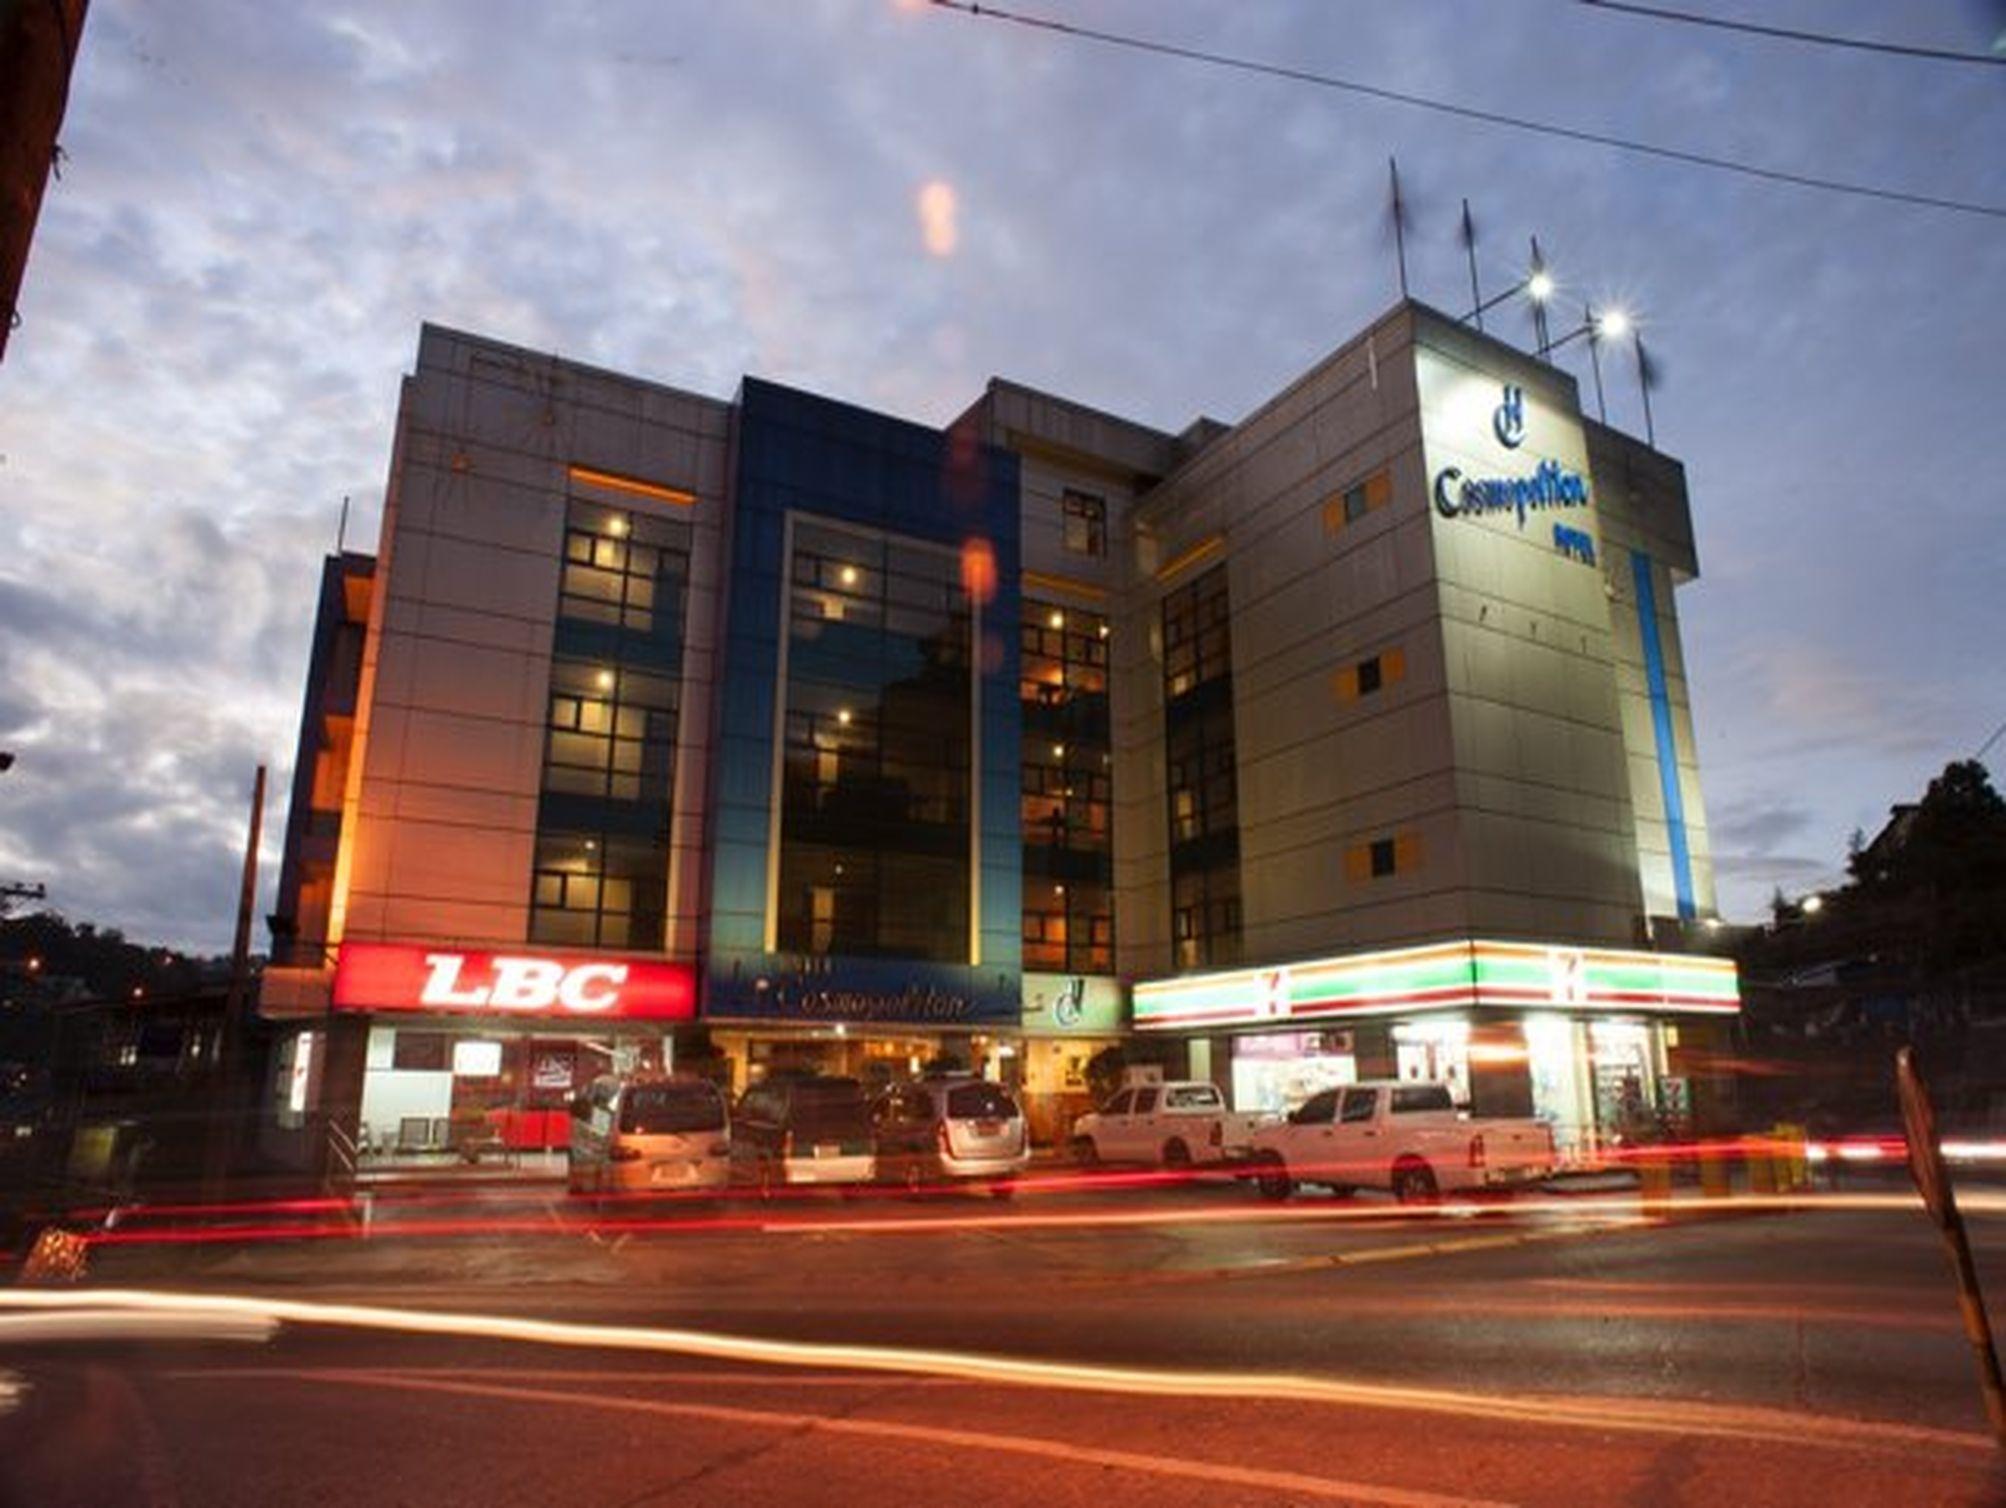 Hotel Cosmopolitan, Baguio City